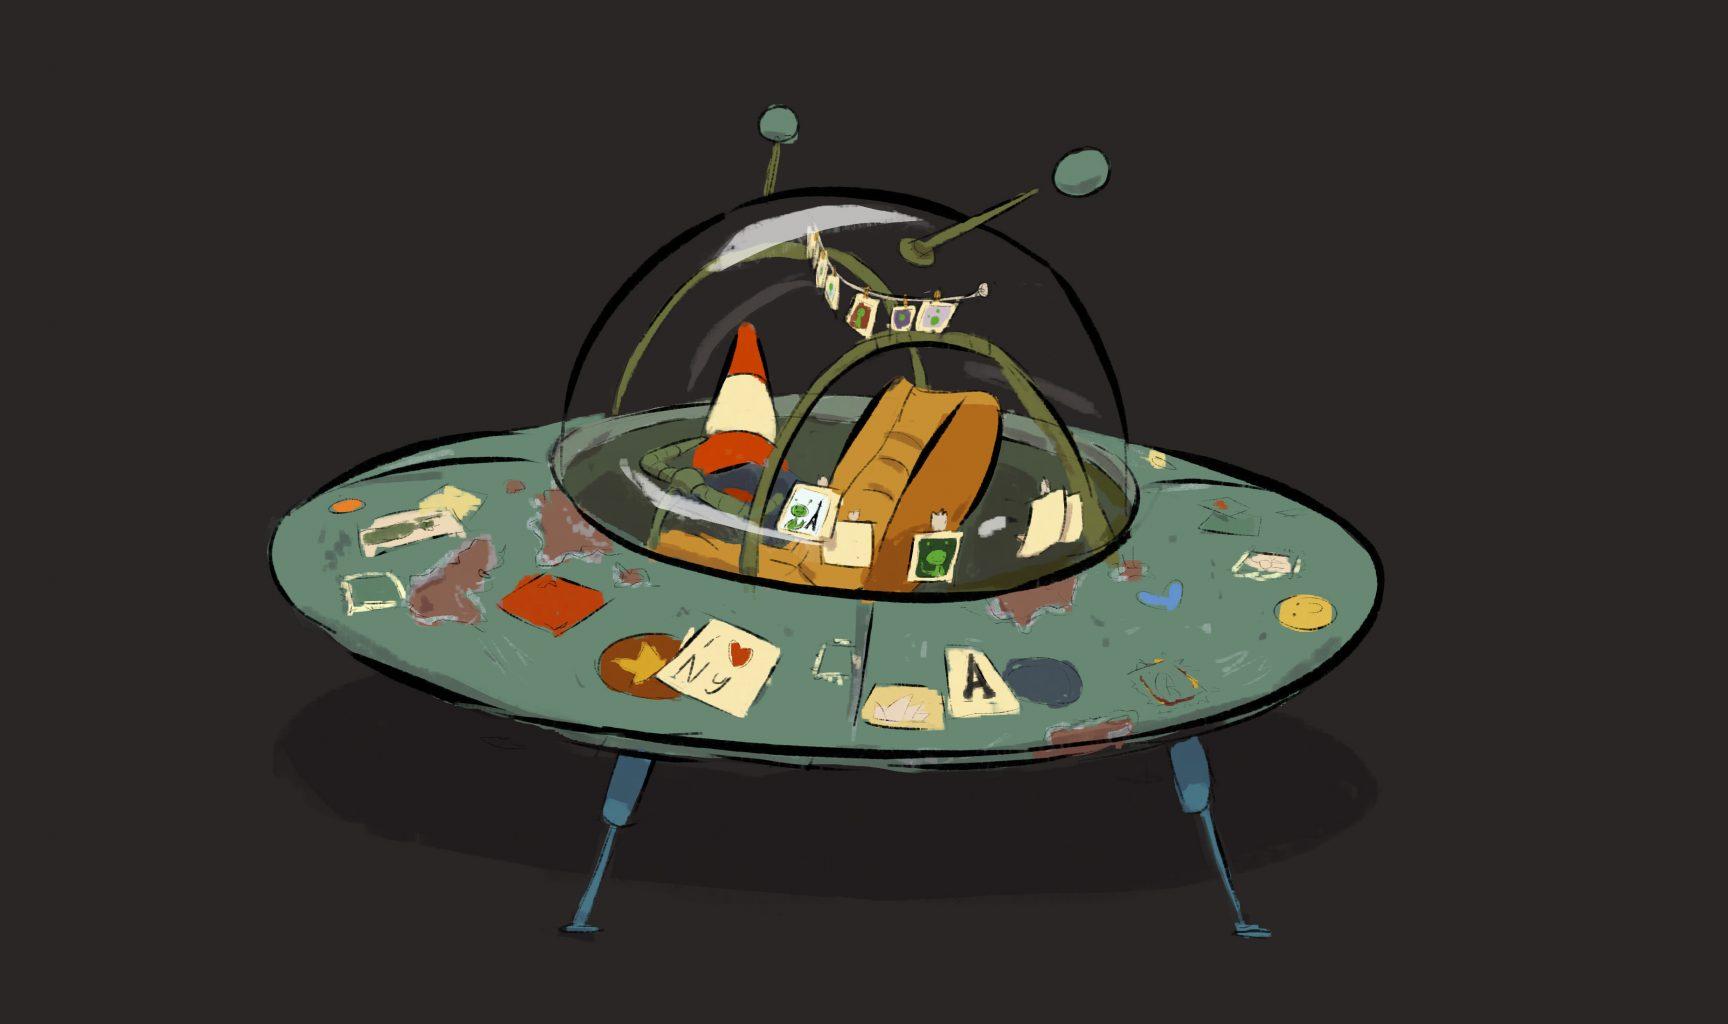 <p>Spaceship concept art</p>